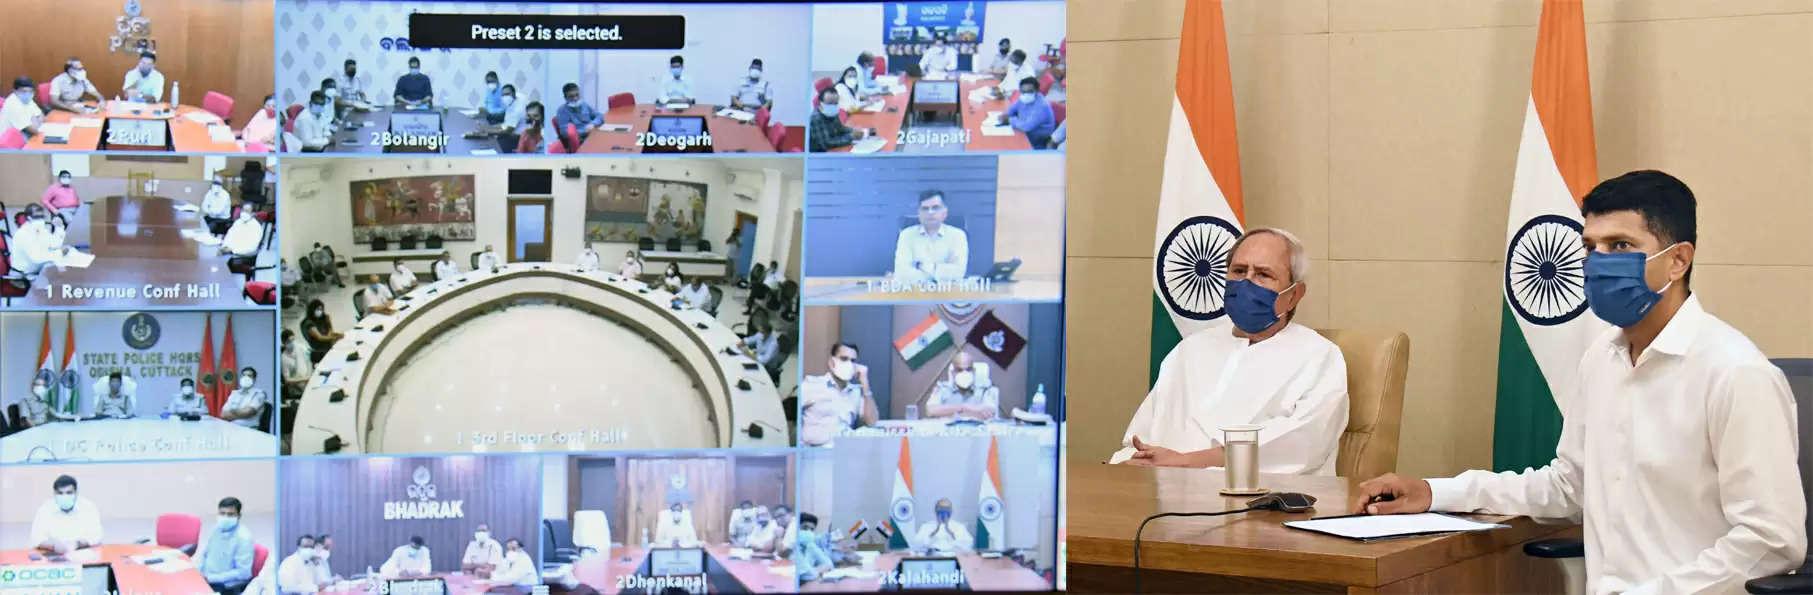 वीडियो स्वीकारोक्ति के माध्यम से कोविड-19 स्थिति की समीक्षा कर रहे हैं: मुख्यमंत्री